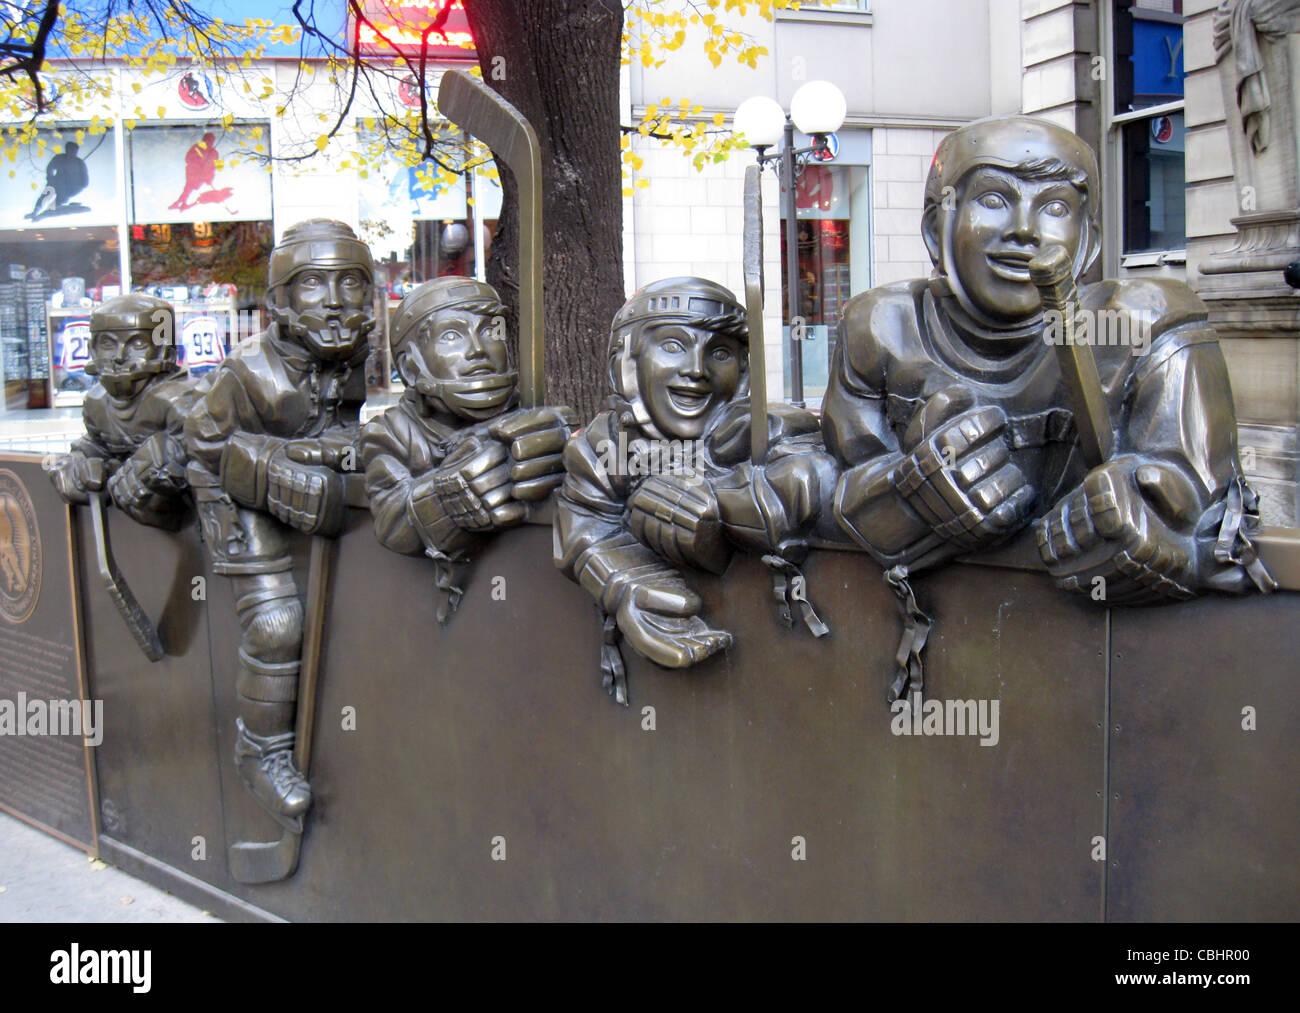 HOCKEY HALL OF FAME, Toronto. Escultura de jugadores fuera del museo. Foto Tony Gale Imagen De Stock